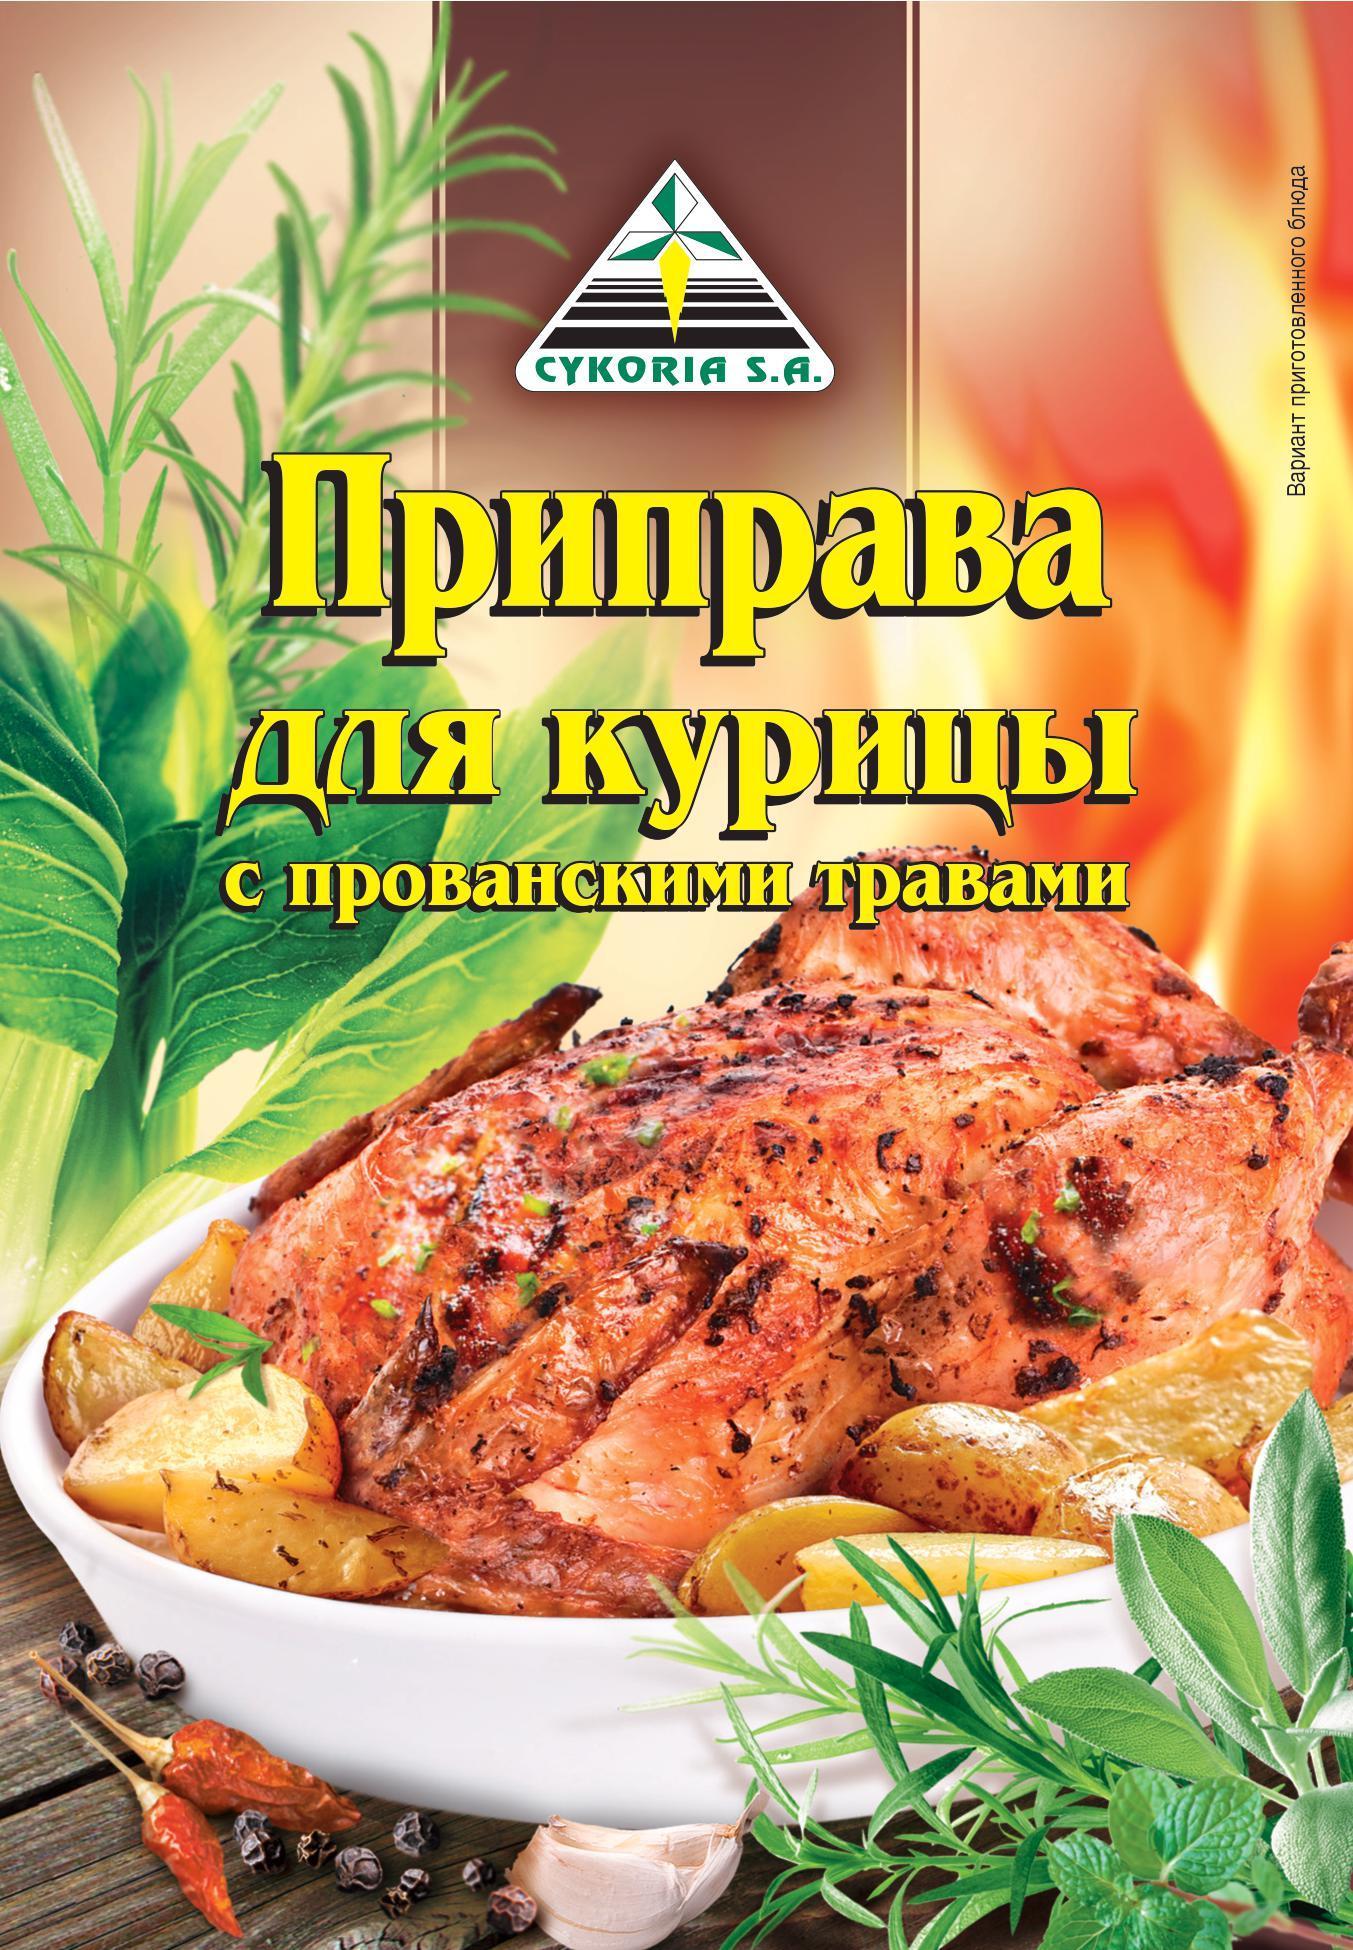 Приправа для курицы с прованскими травами, 25г